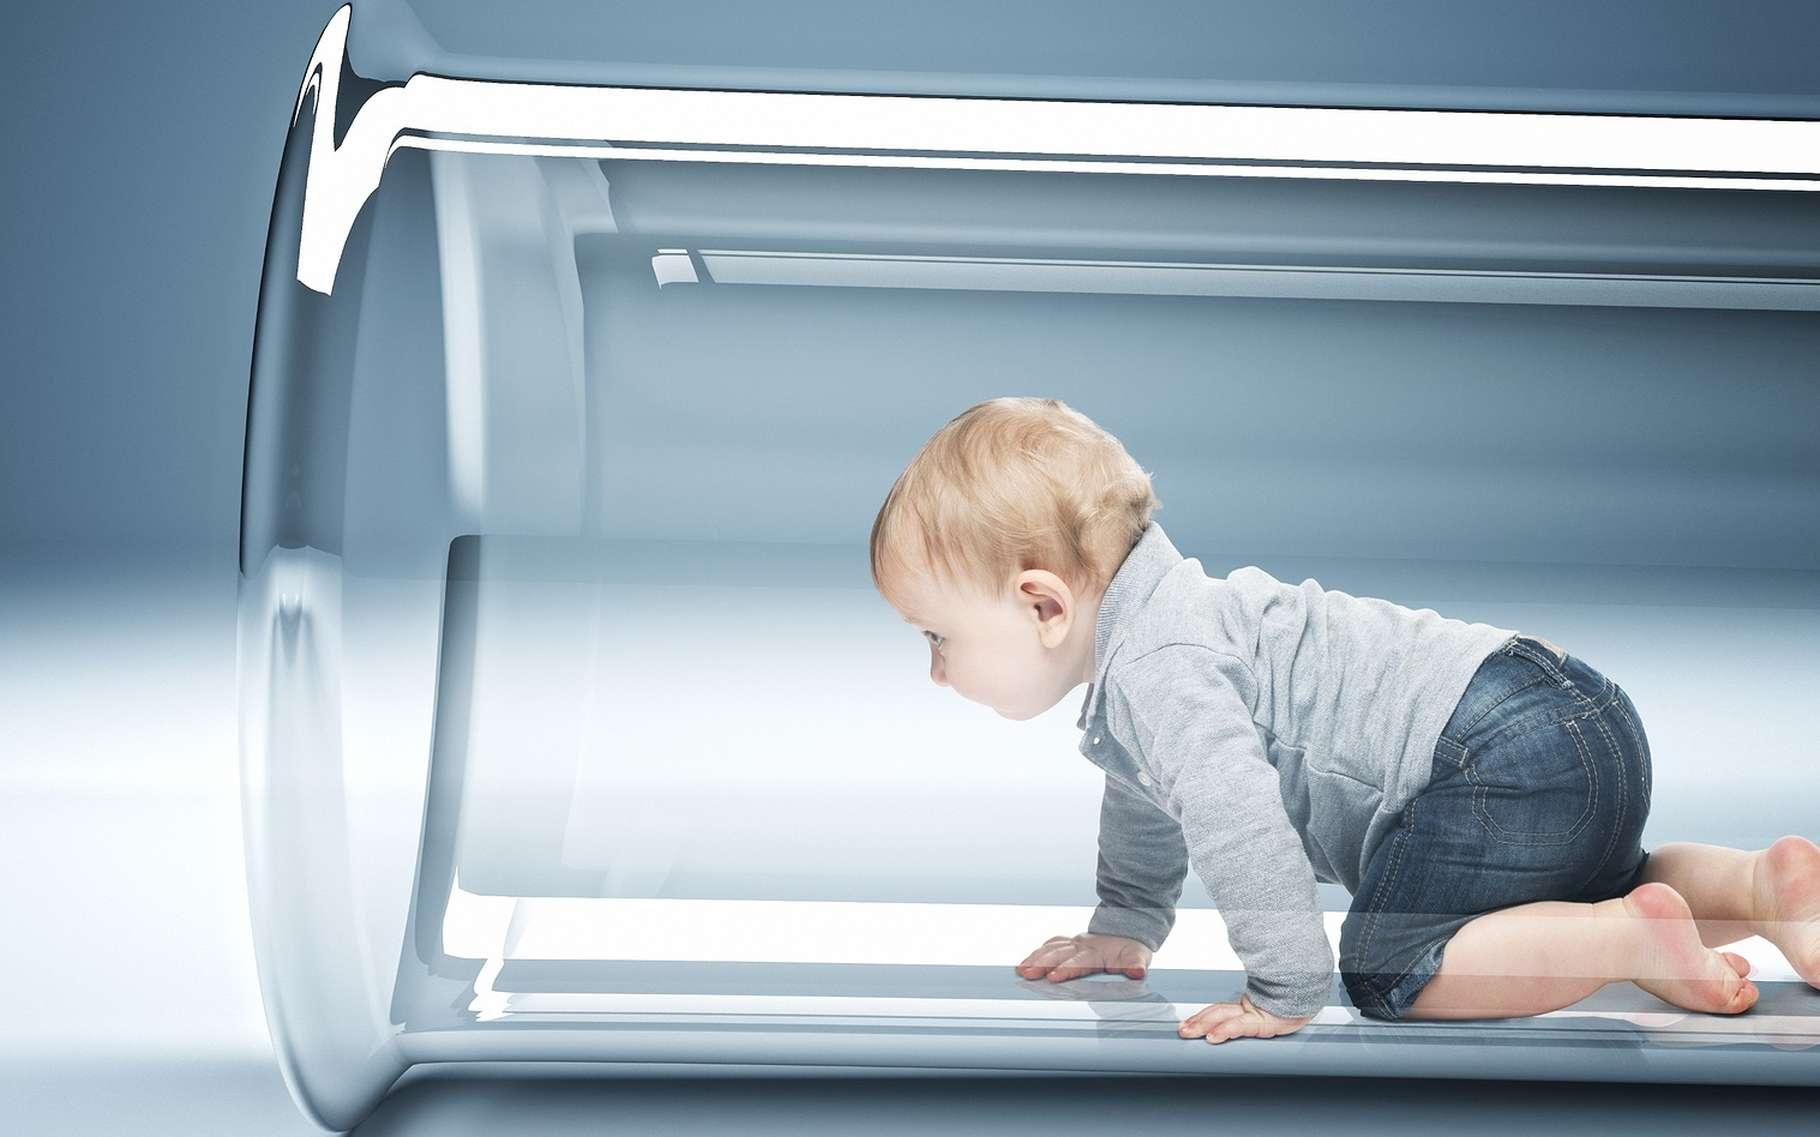 Pour l'instant, un bébé sans mère biologique, cela reste de la science-fiction. Mais demain ? © gualtiero boffi, Shutterstock